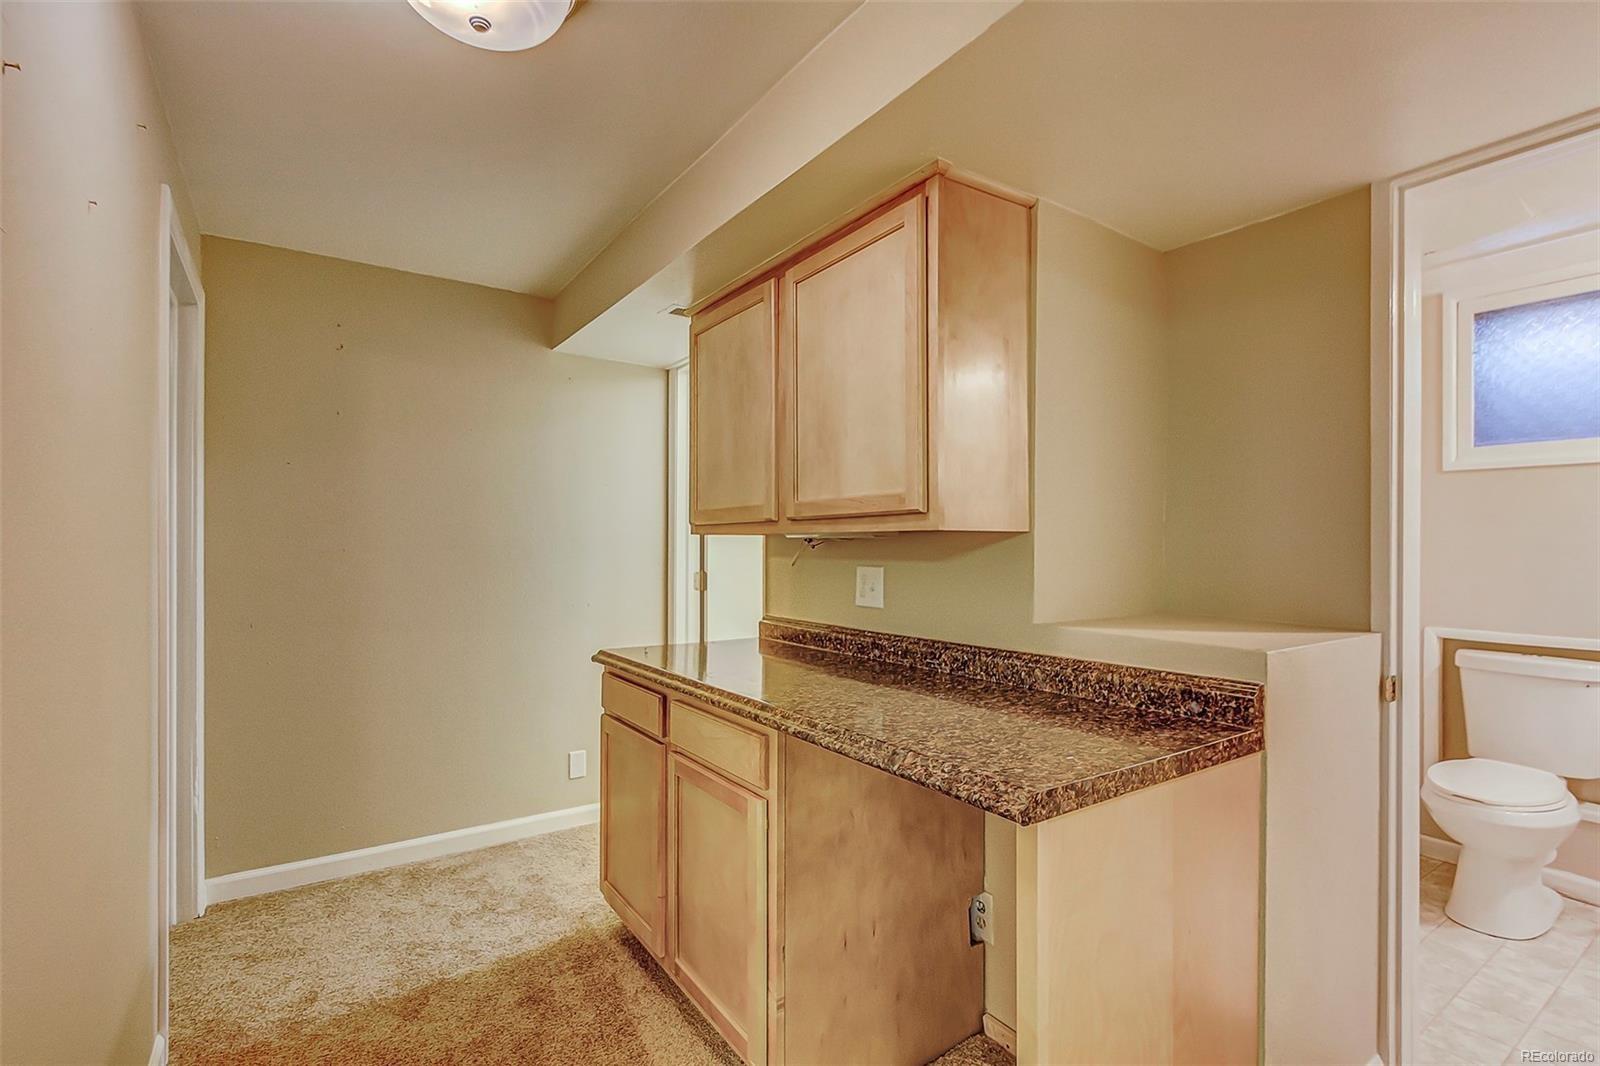 MLS# 4324874 - 1 - 3464  S Ivanhoe Way, Denver, CO 80222